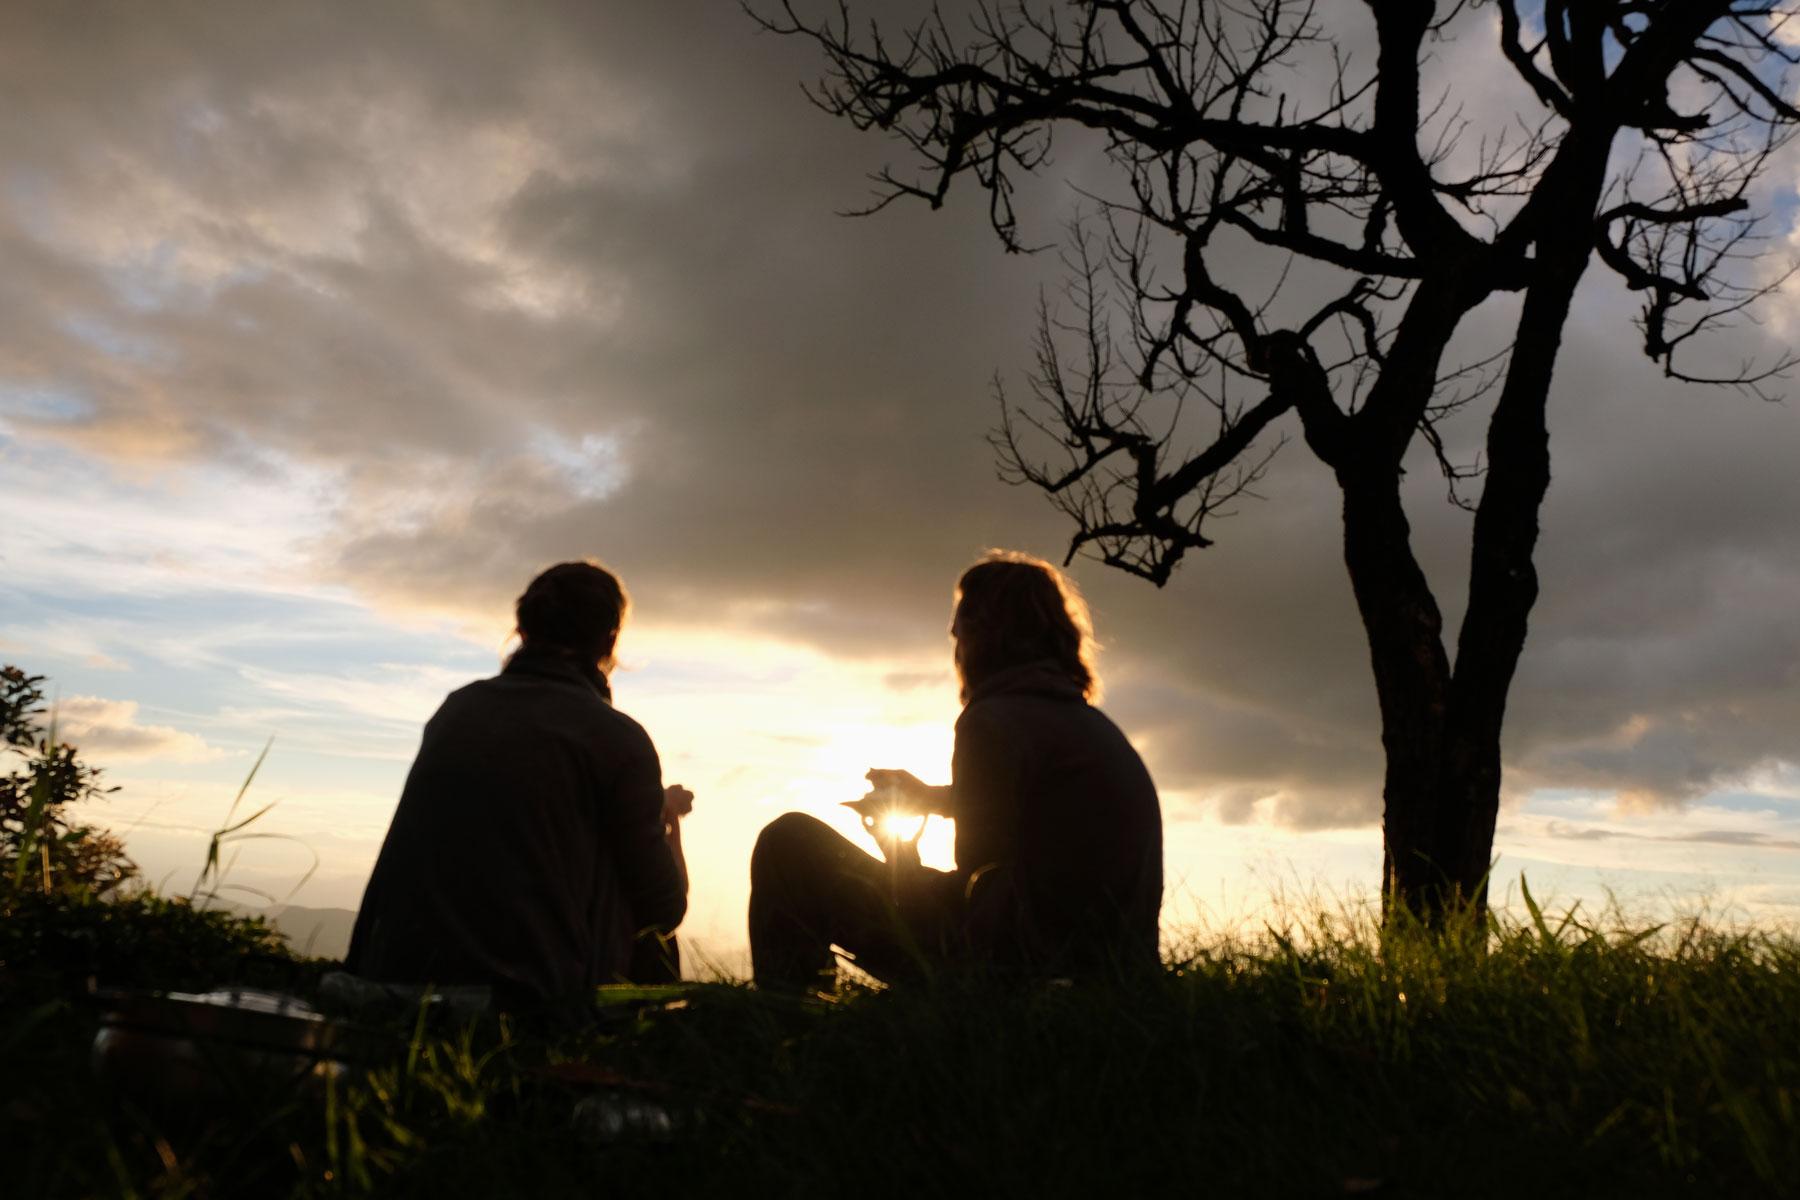 Leo uns Sebastian sitzen neben einem Baum in der Abendsonne.